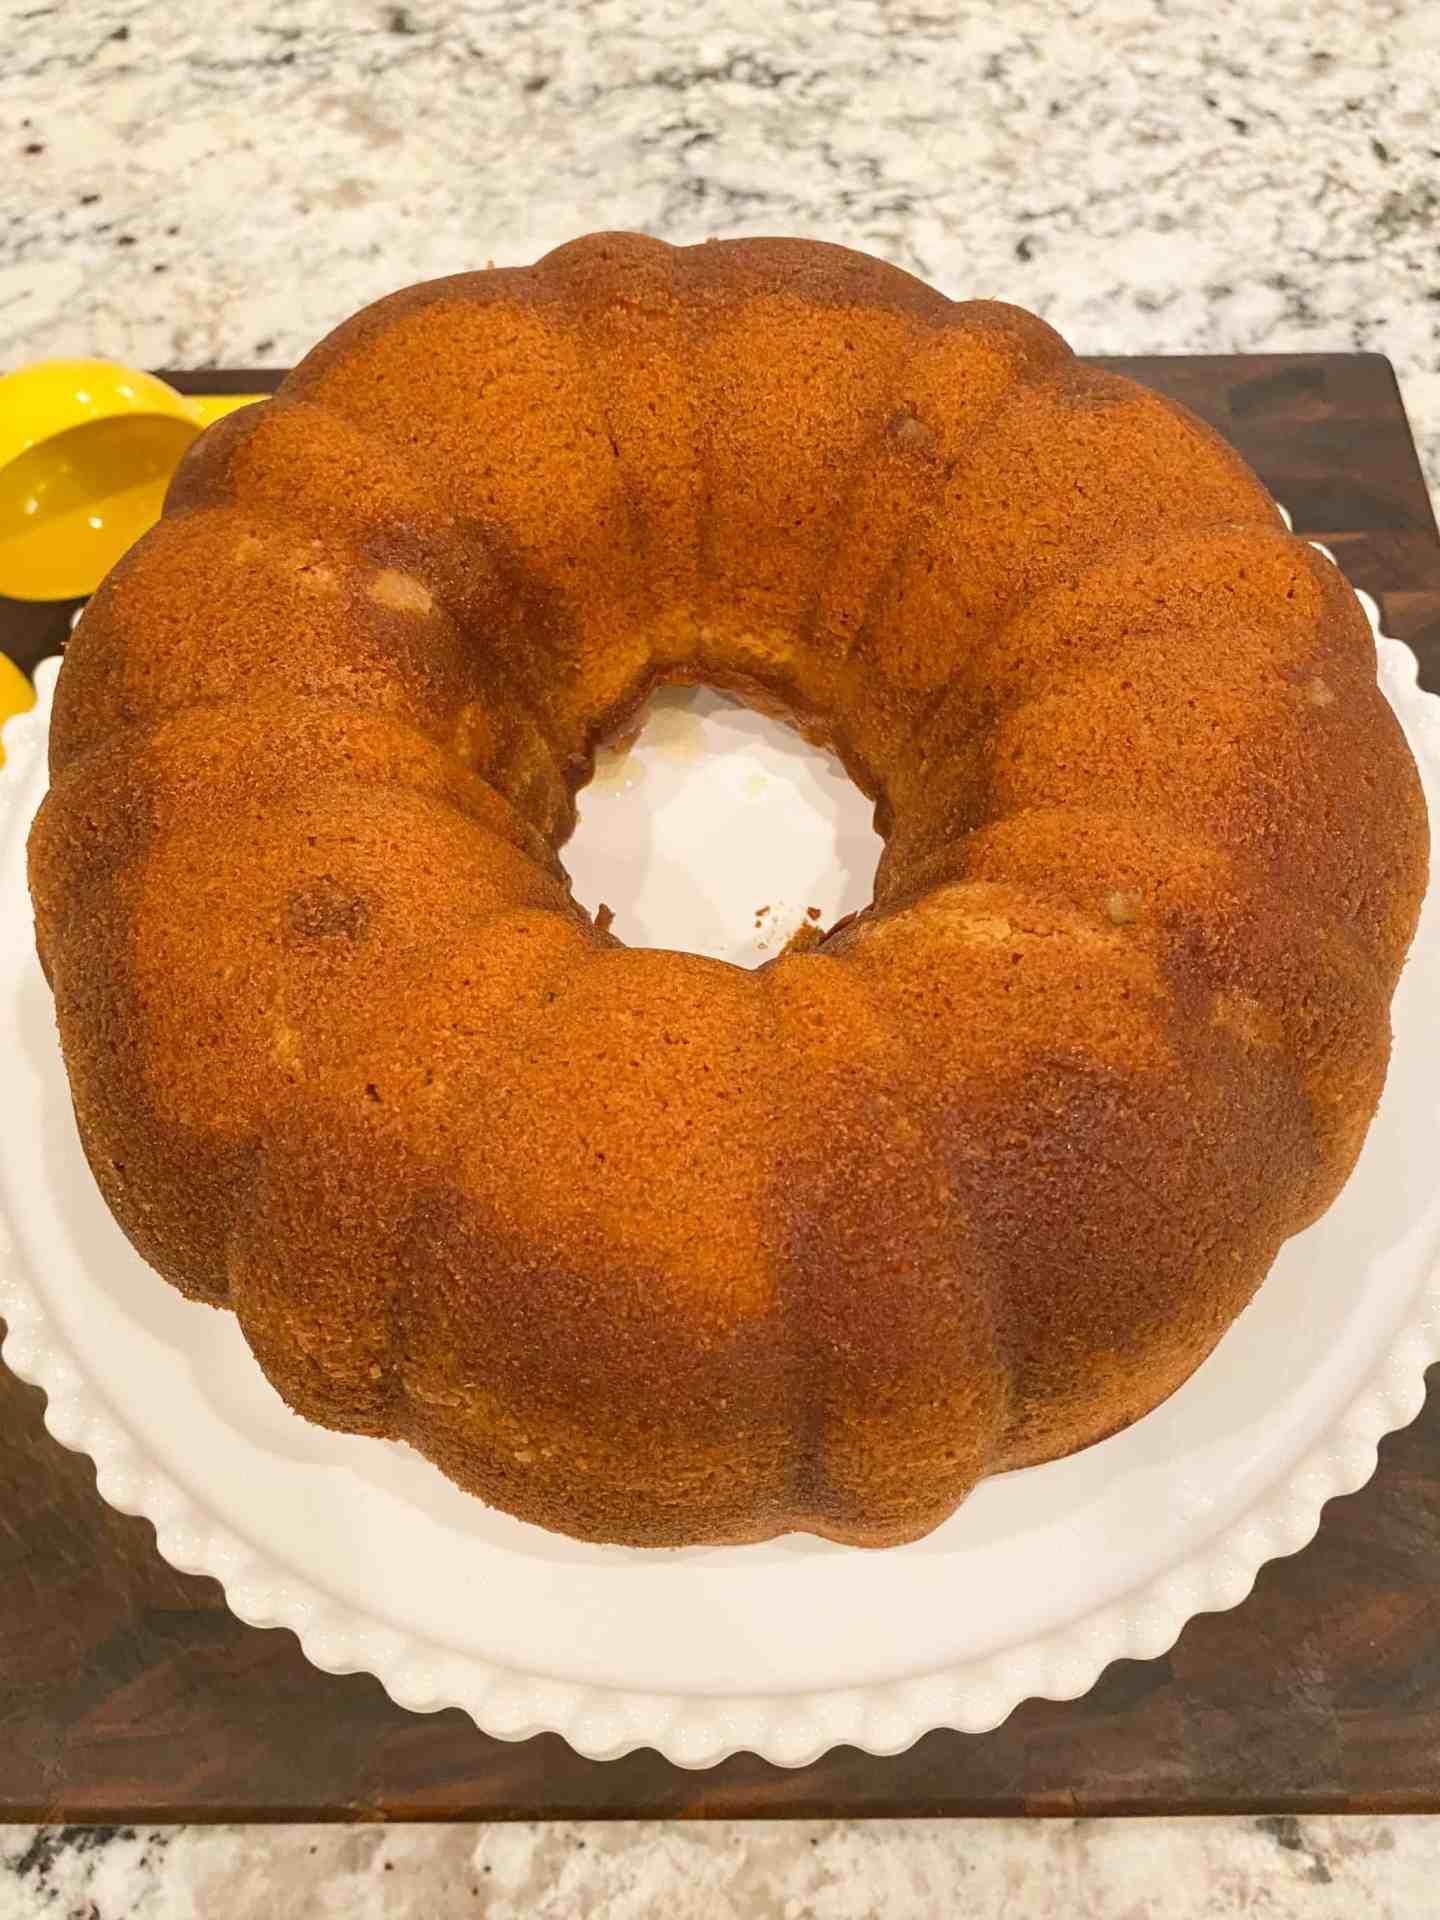 invert-cake-onto-cake-pan